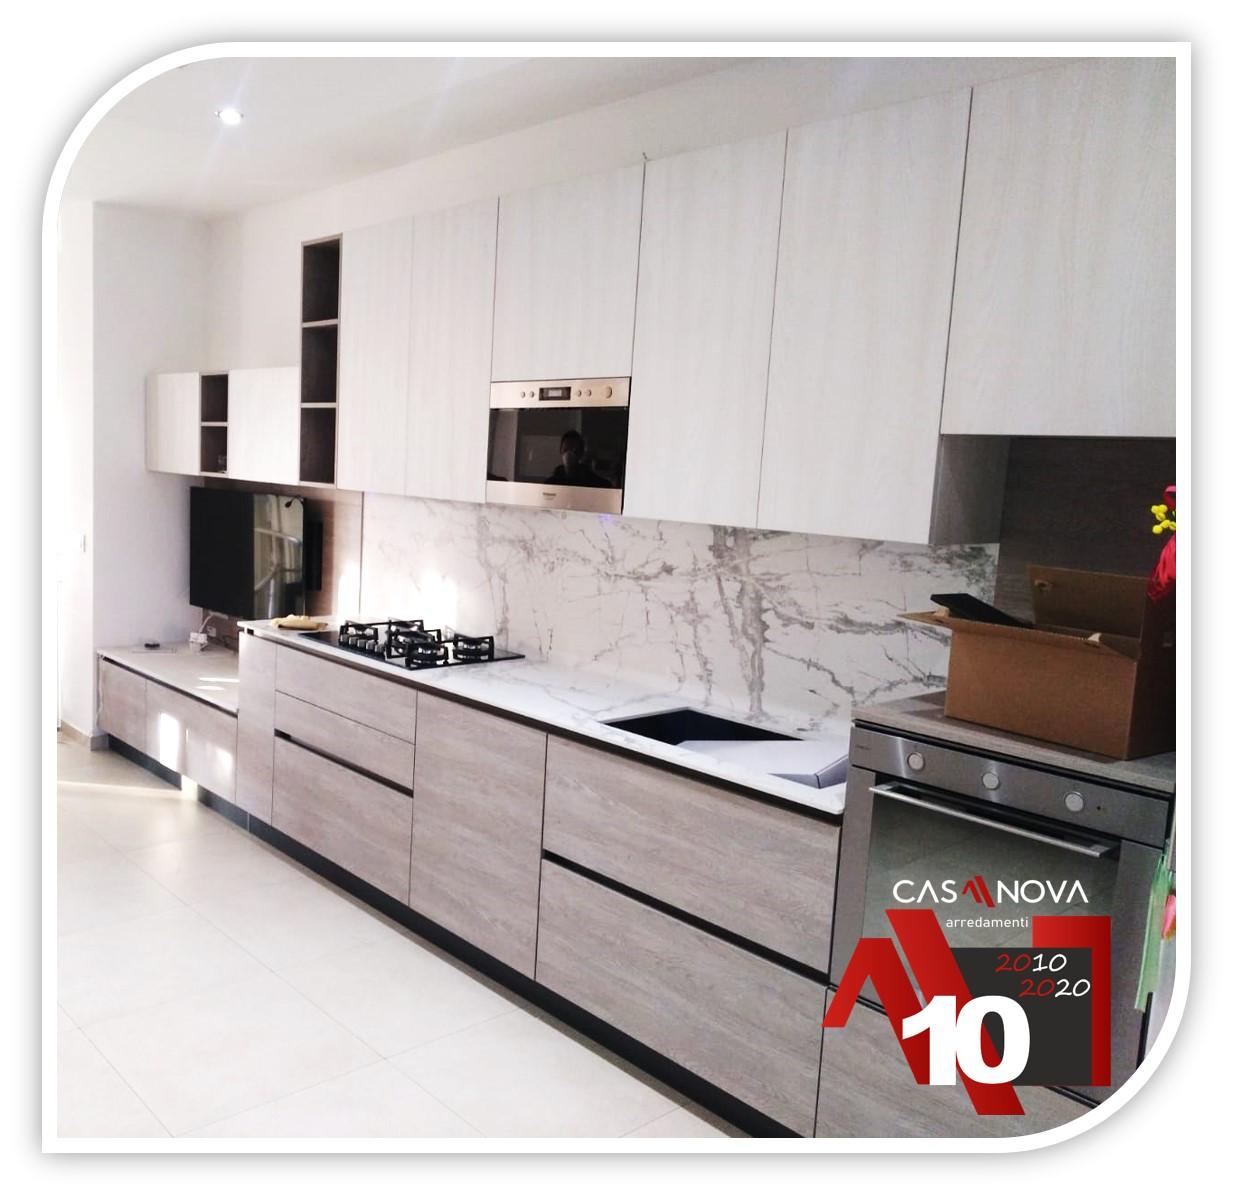 6 metri di cucina lineare per chi ama gli spazi liberi